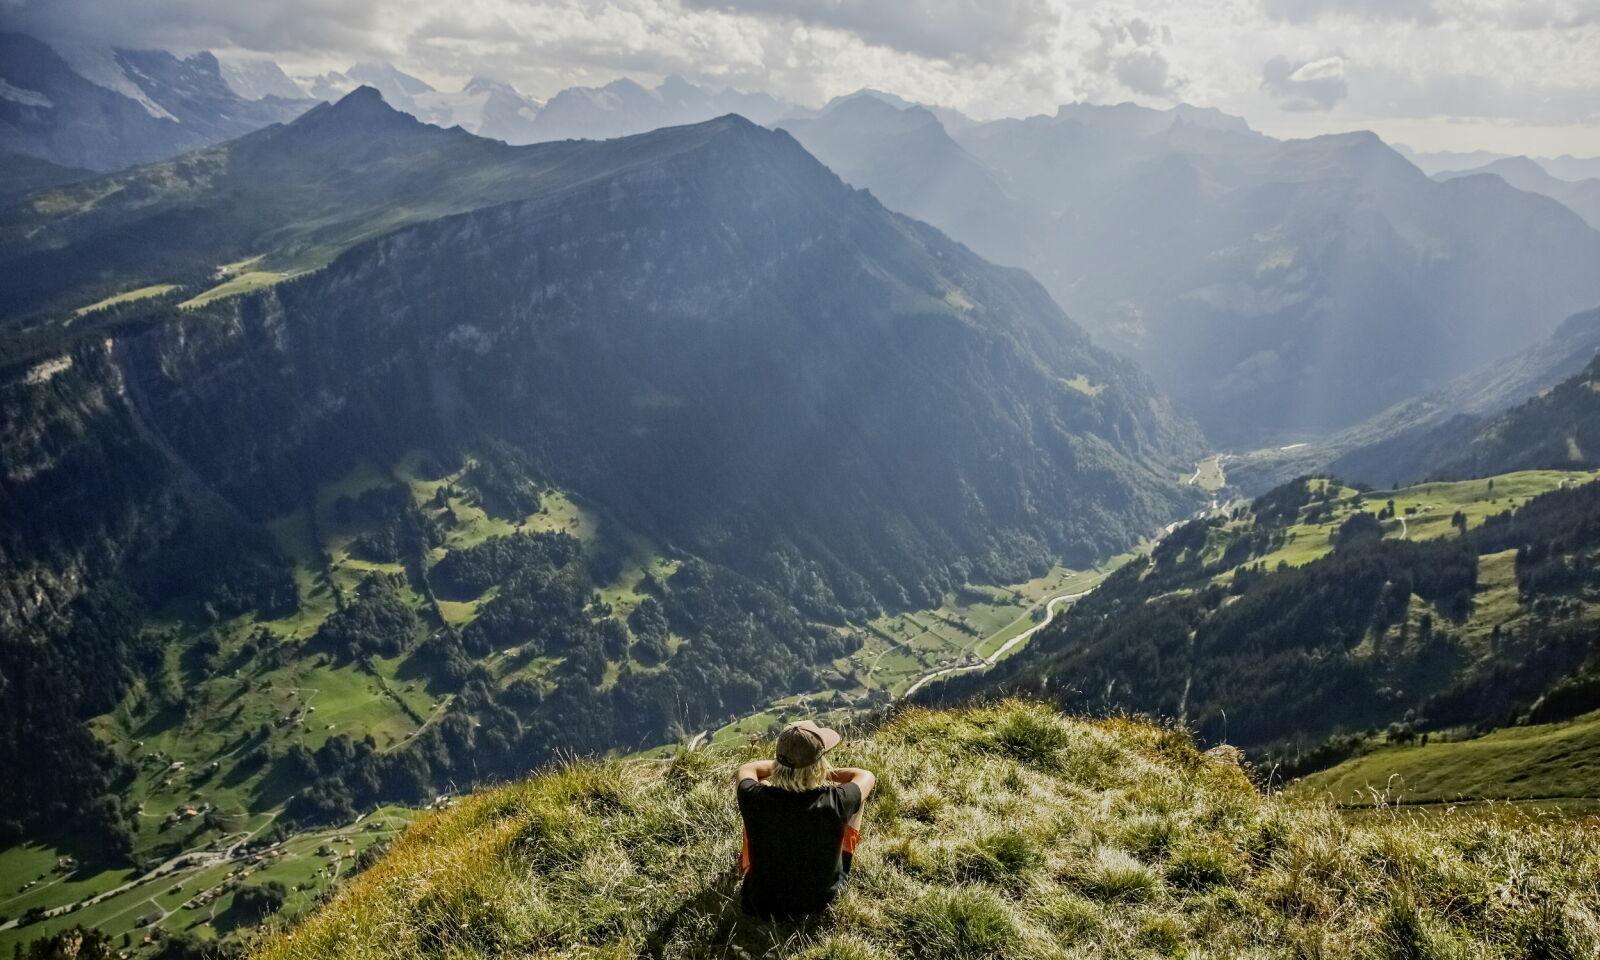 Felix Lorentzen, at the cliff Busalp in the Swiss Alps. Photo: Jørn H. Moen / Dagbladet